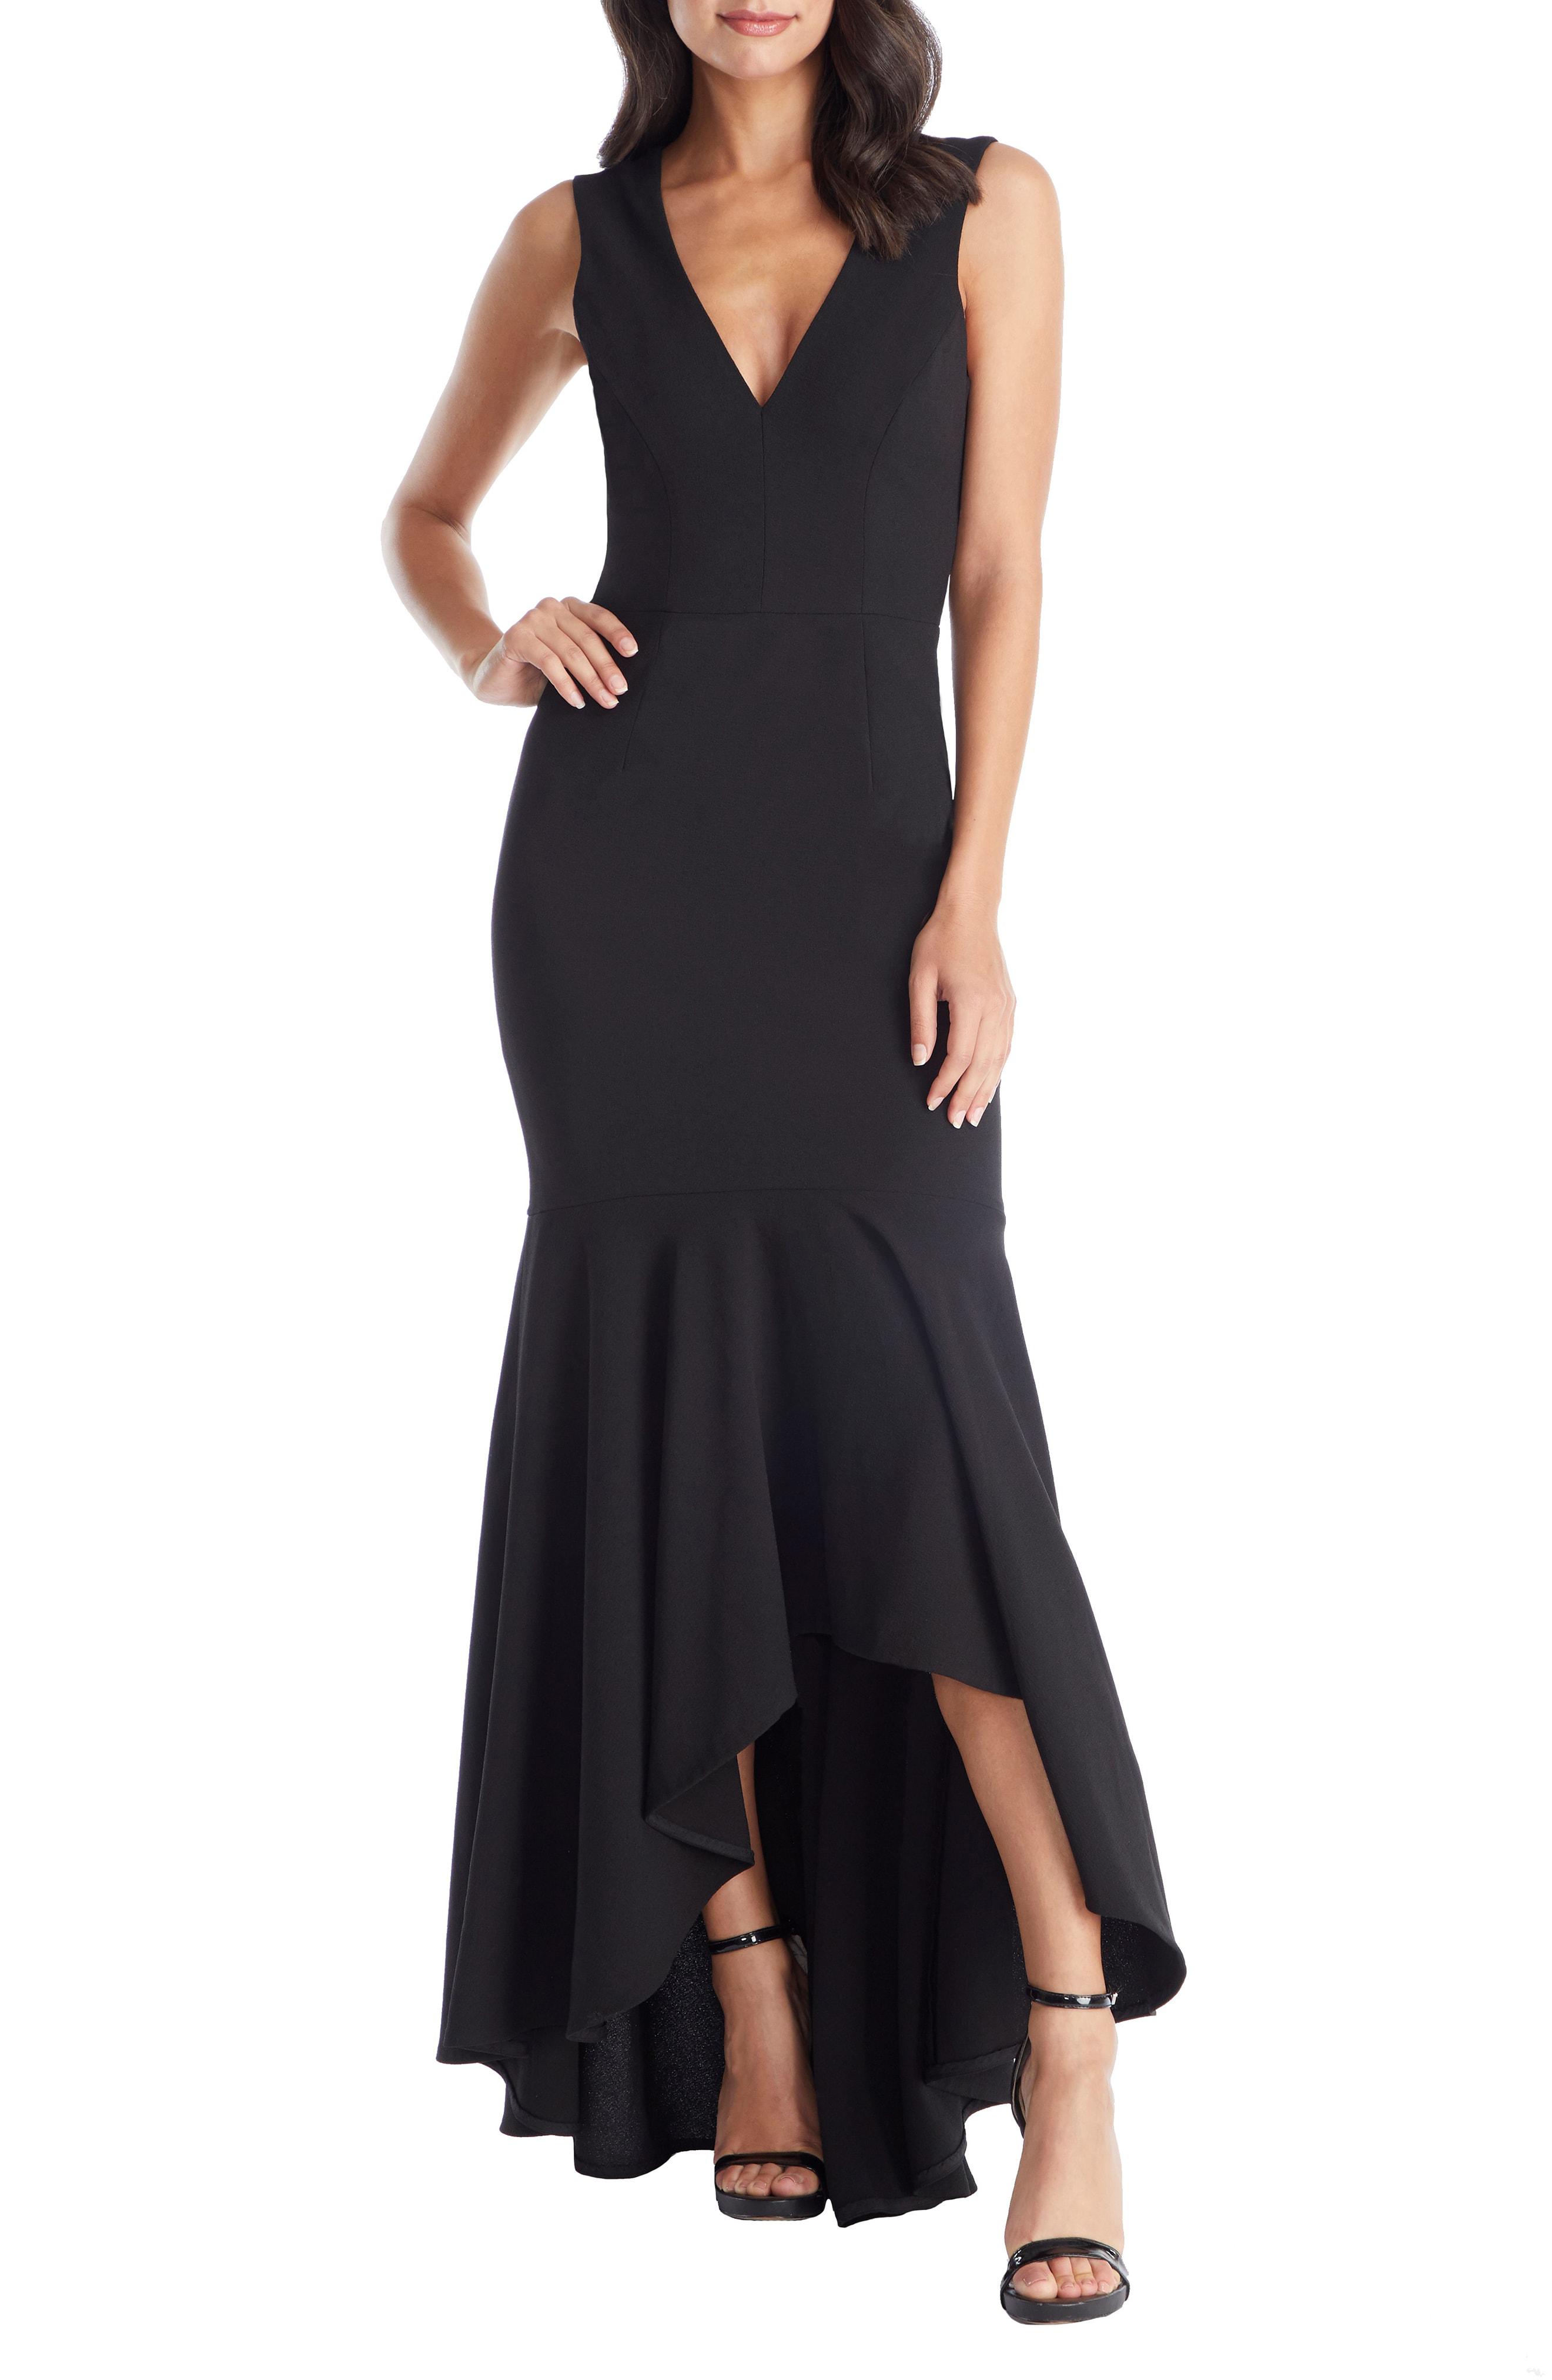 f42f38935cc33 Demi High/Low Mermaid Hem Evening Dress in Black